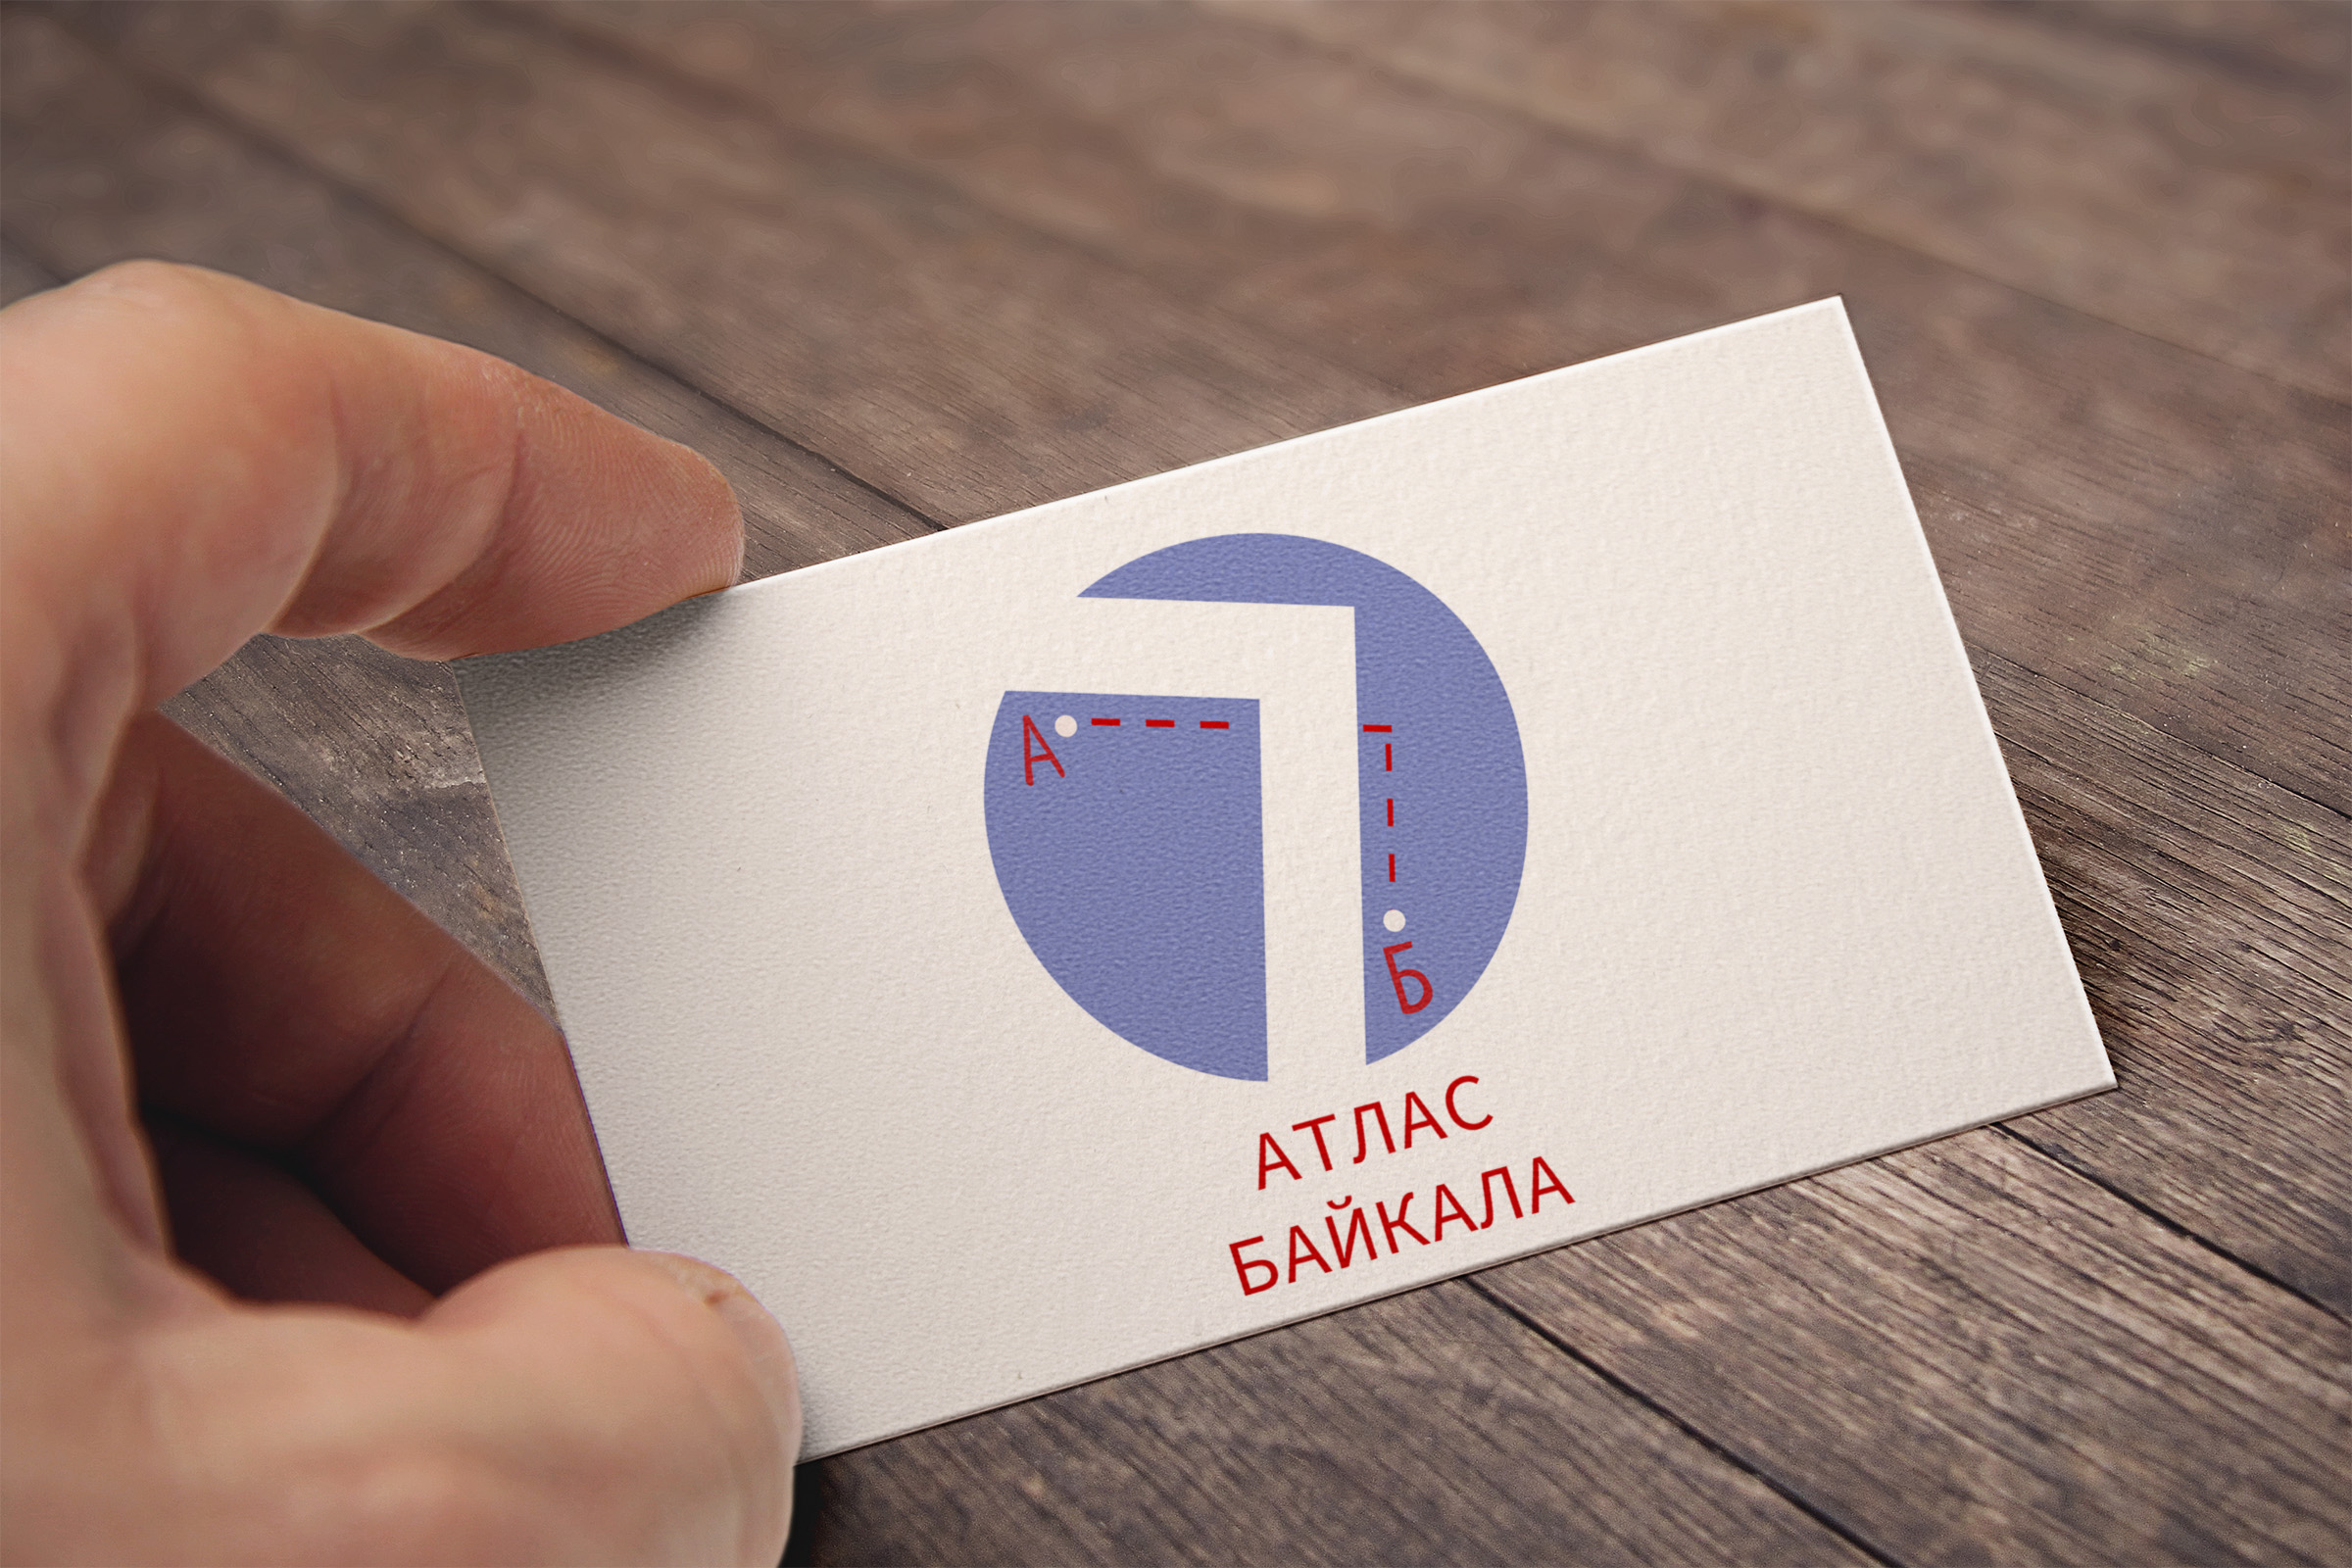 Разработка логотипа Атлас Байкала фото f_2345b0d875b13b04.jpg